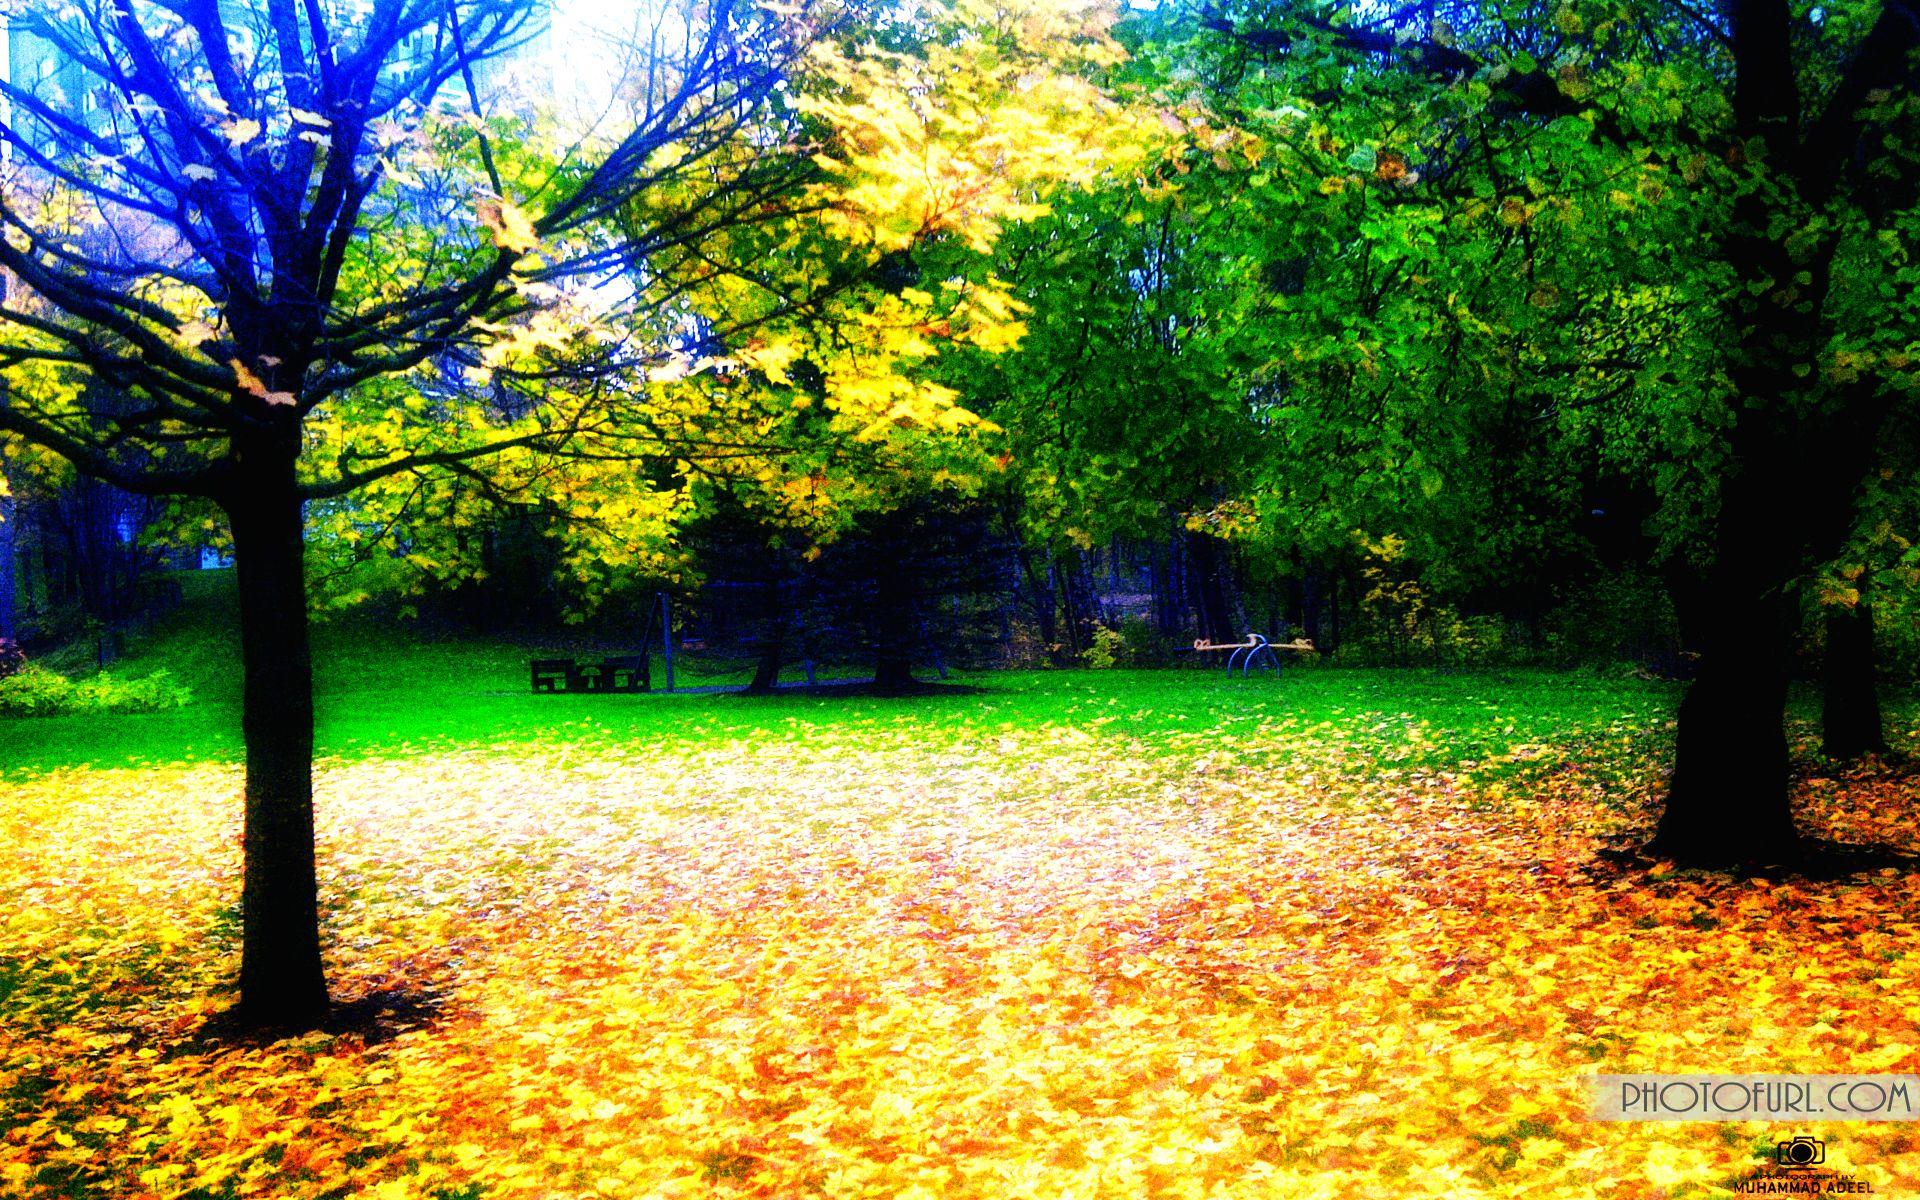 Hd Nacher Wallpaper Beautiful Nature Wallpaper Hd Nature Wallpapers Beautiful Landscape Wallpaper